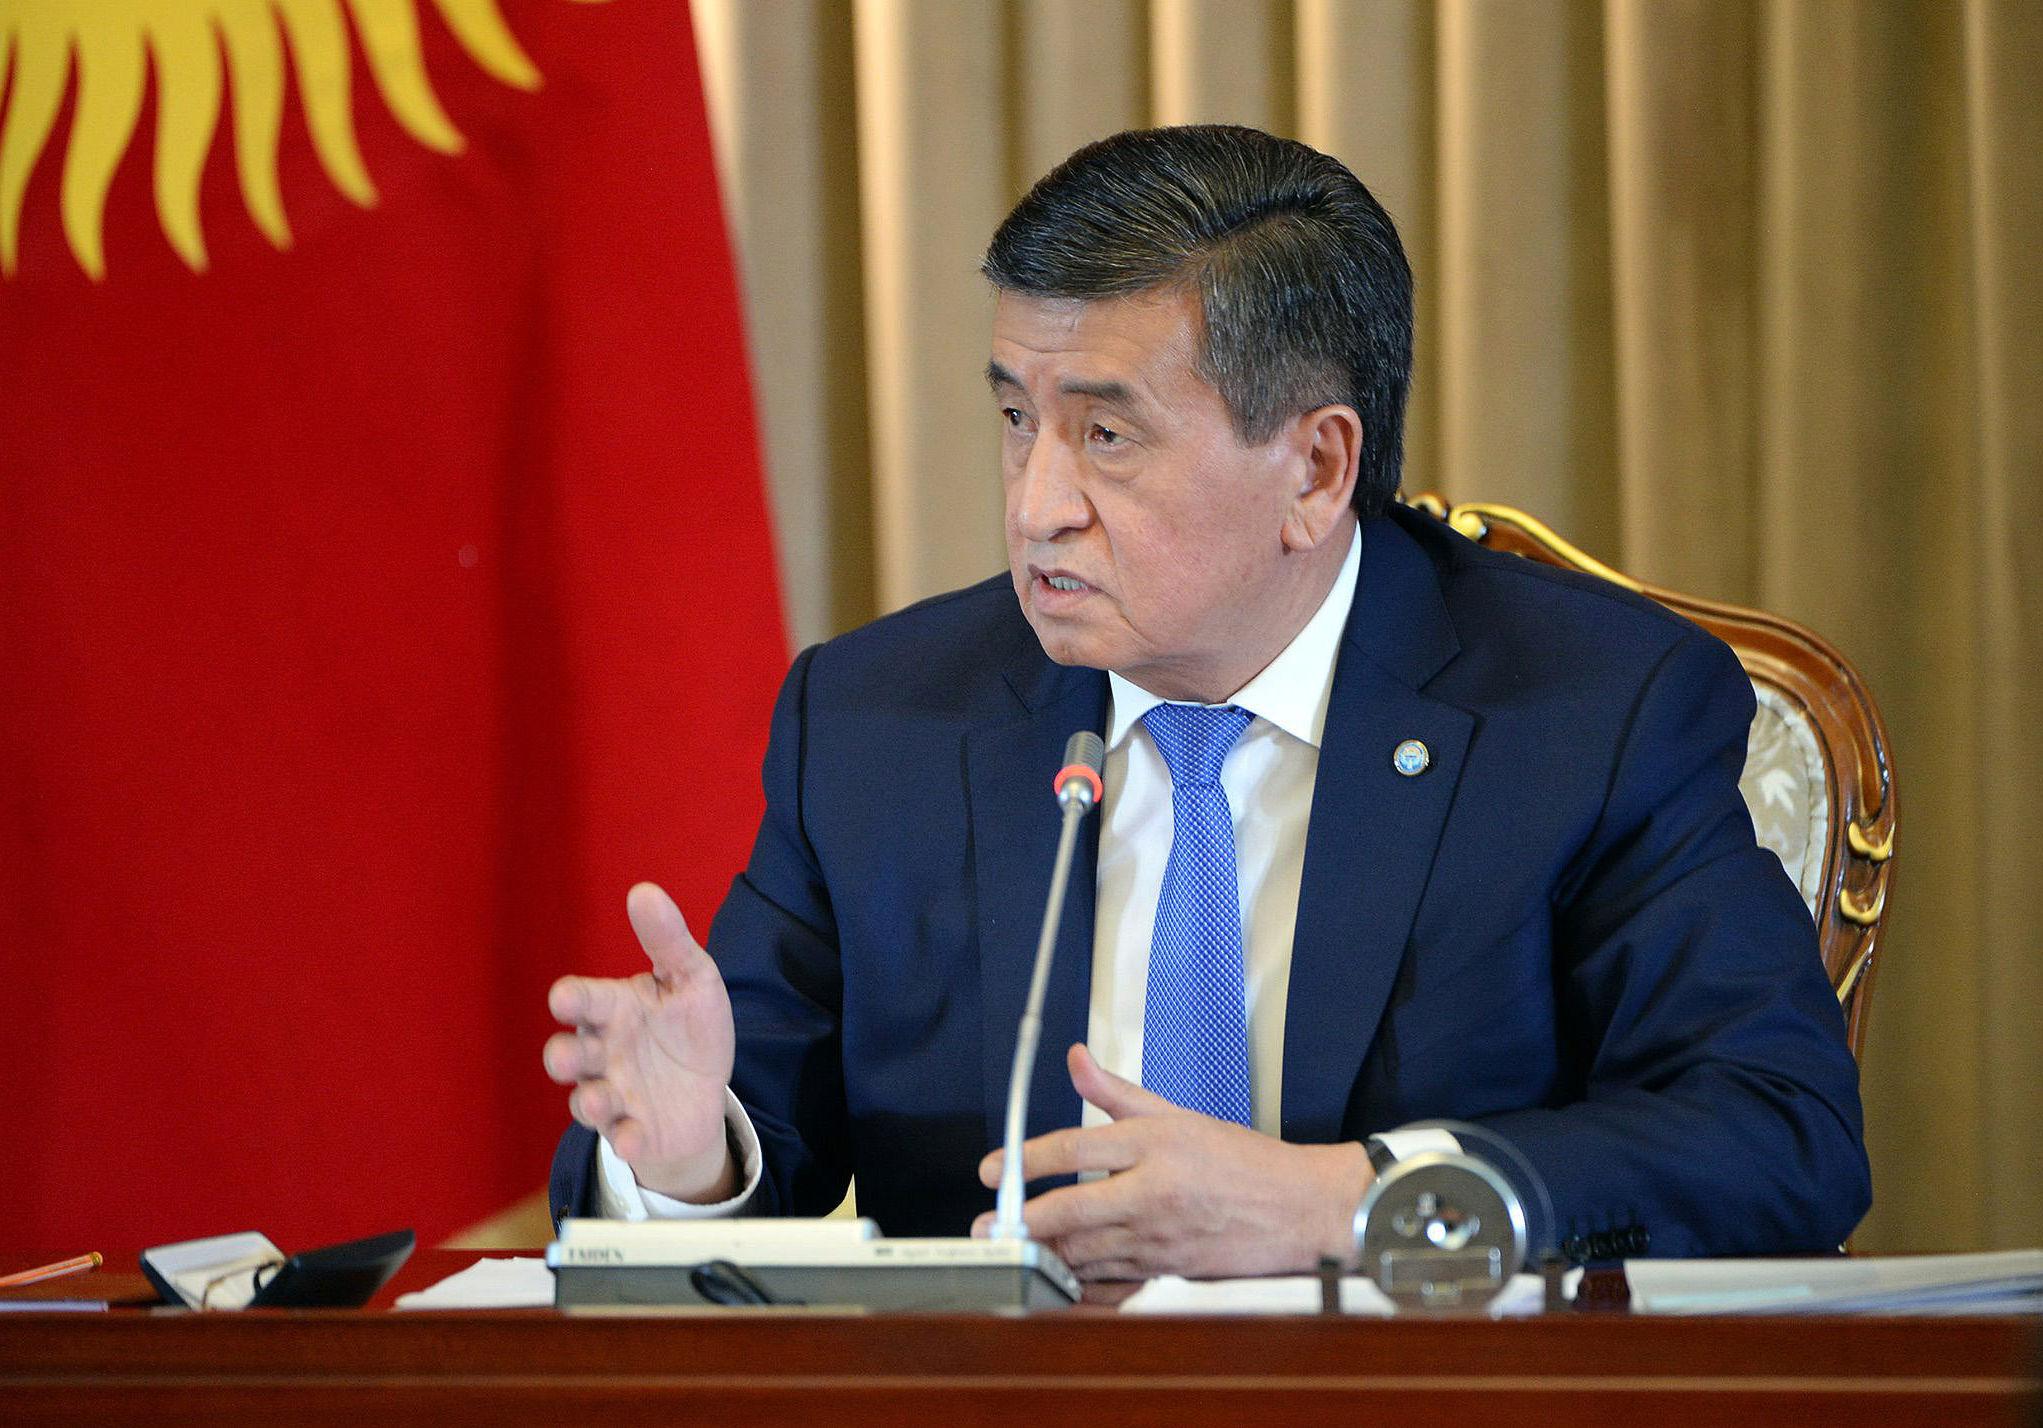 Президент Кыргызской Республики Сооронбай Жээнбеков во время первой пресс-конференции президента Сооронбая Жээнбекова по итогам 2018 года. 19 декабря, 2018 г